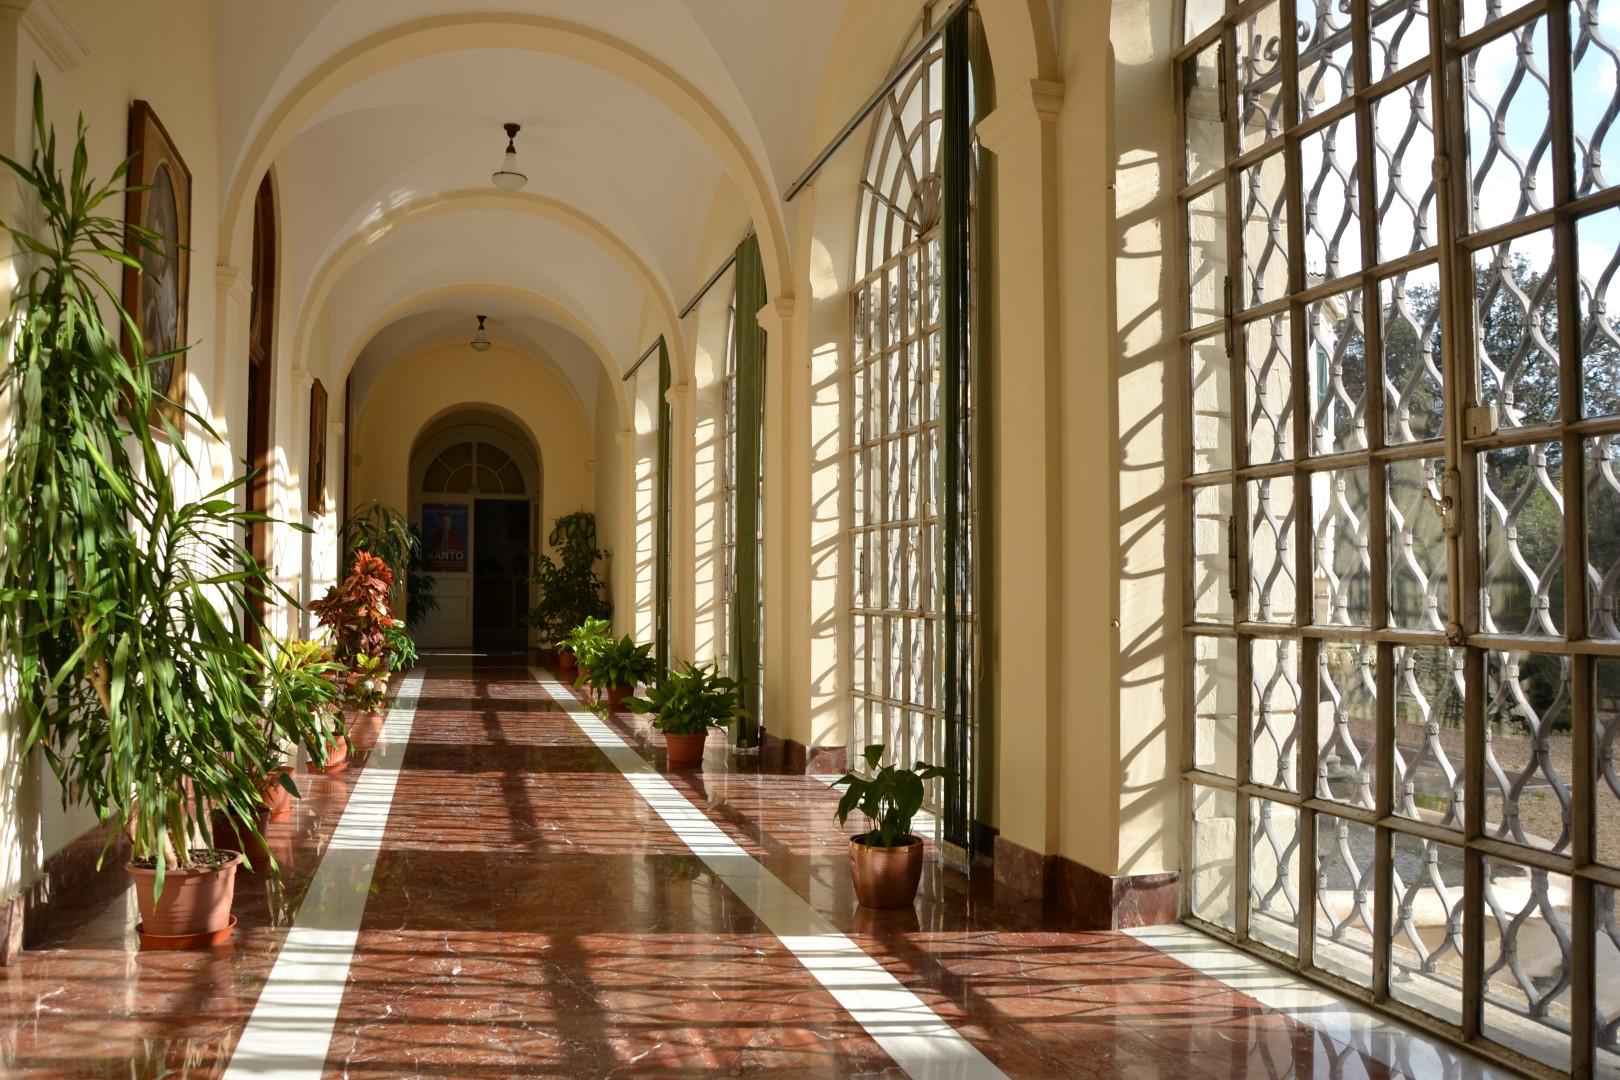 Villa san giovanni struttura della casa per ferie for Amaretti arredamenti villa san giovanni